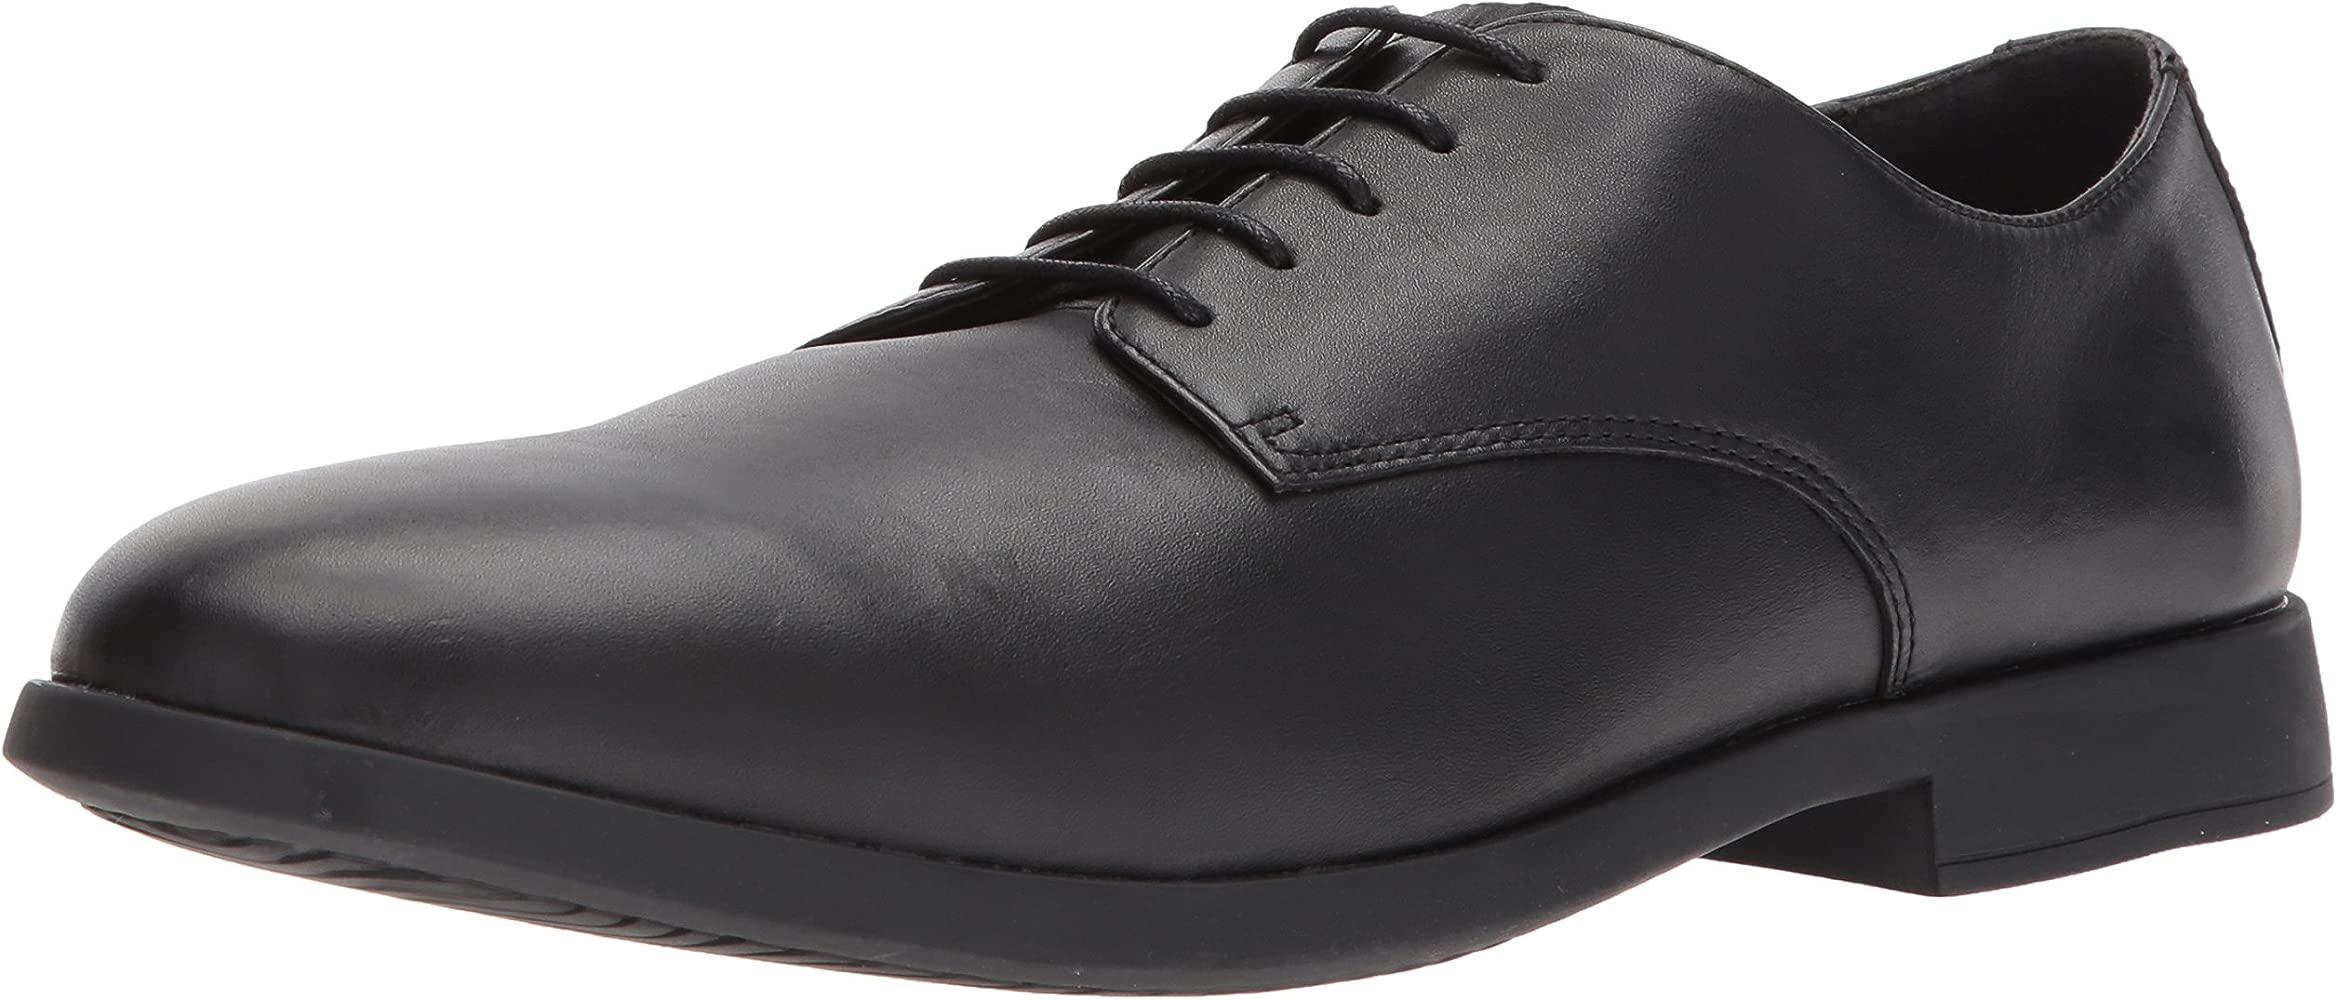 Camper Truman Zapatos de Cordones Derby para Hombre B072LQK719